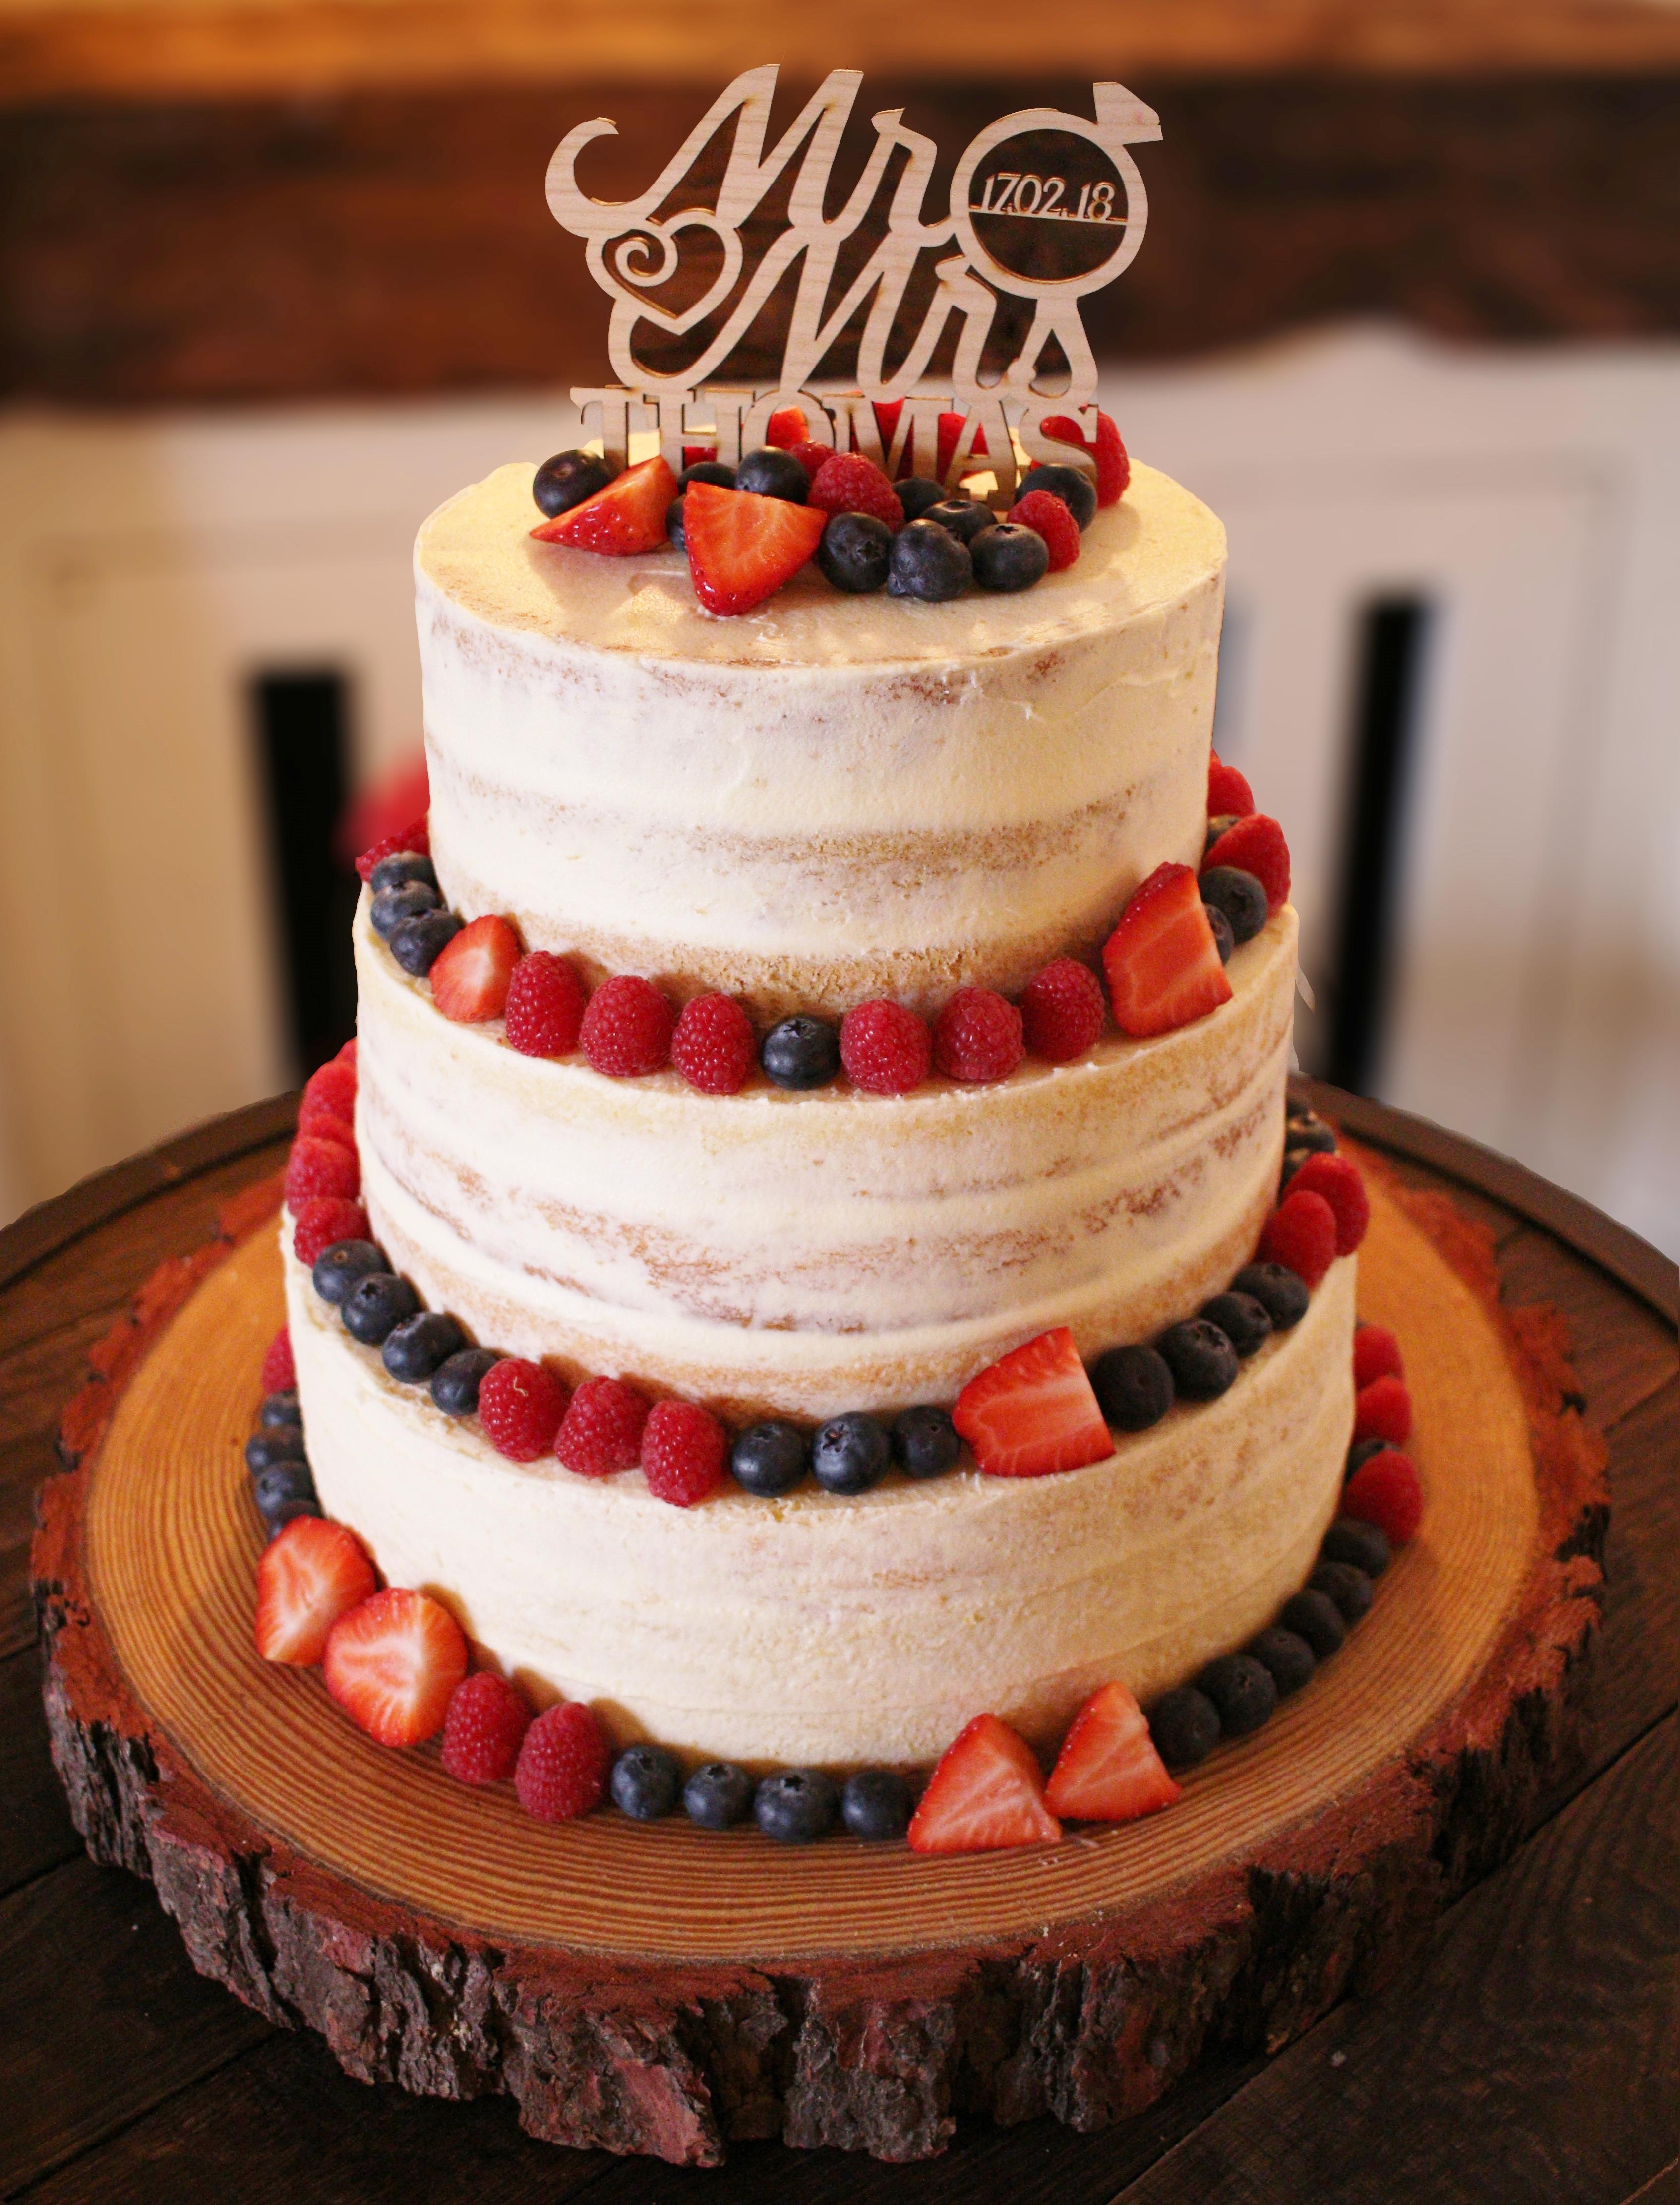 Semi-naked dairy-free wedding cake with fresh fruit